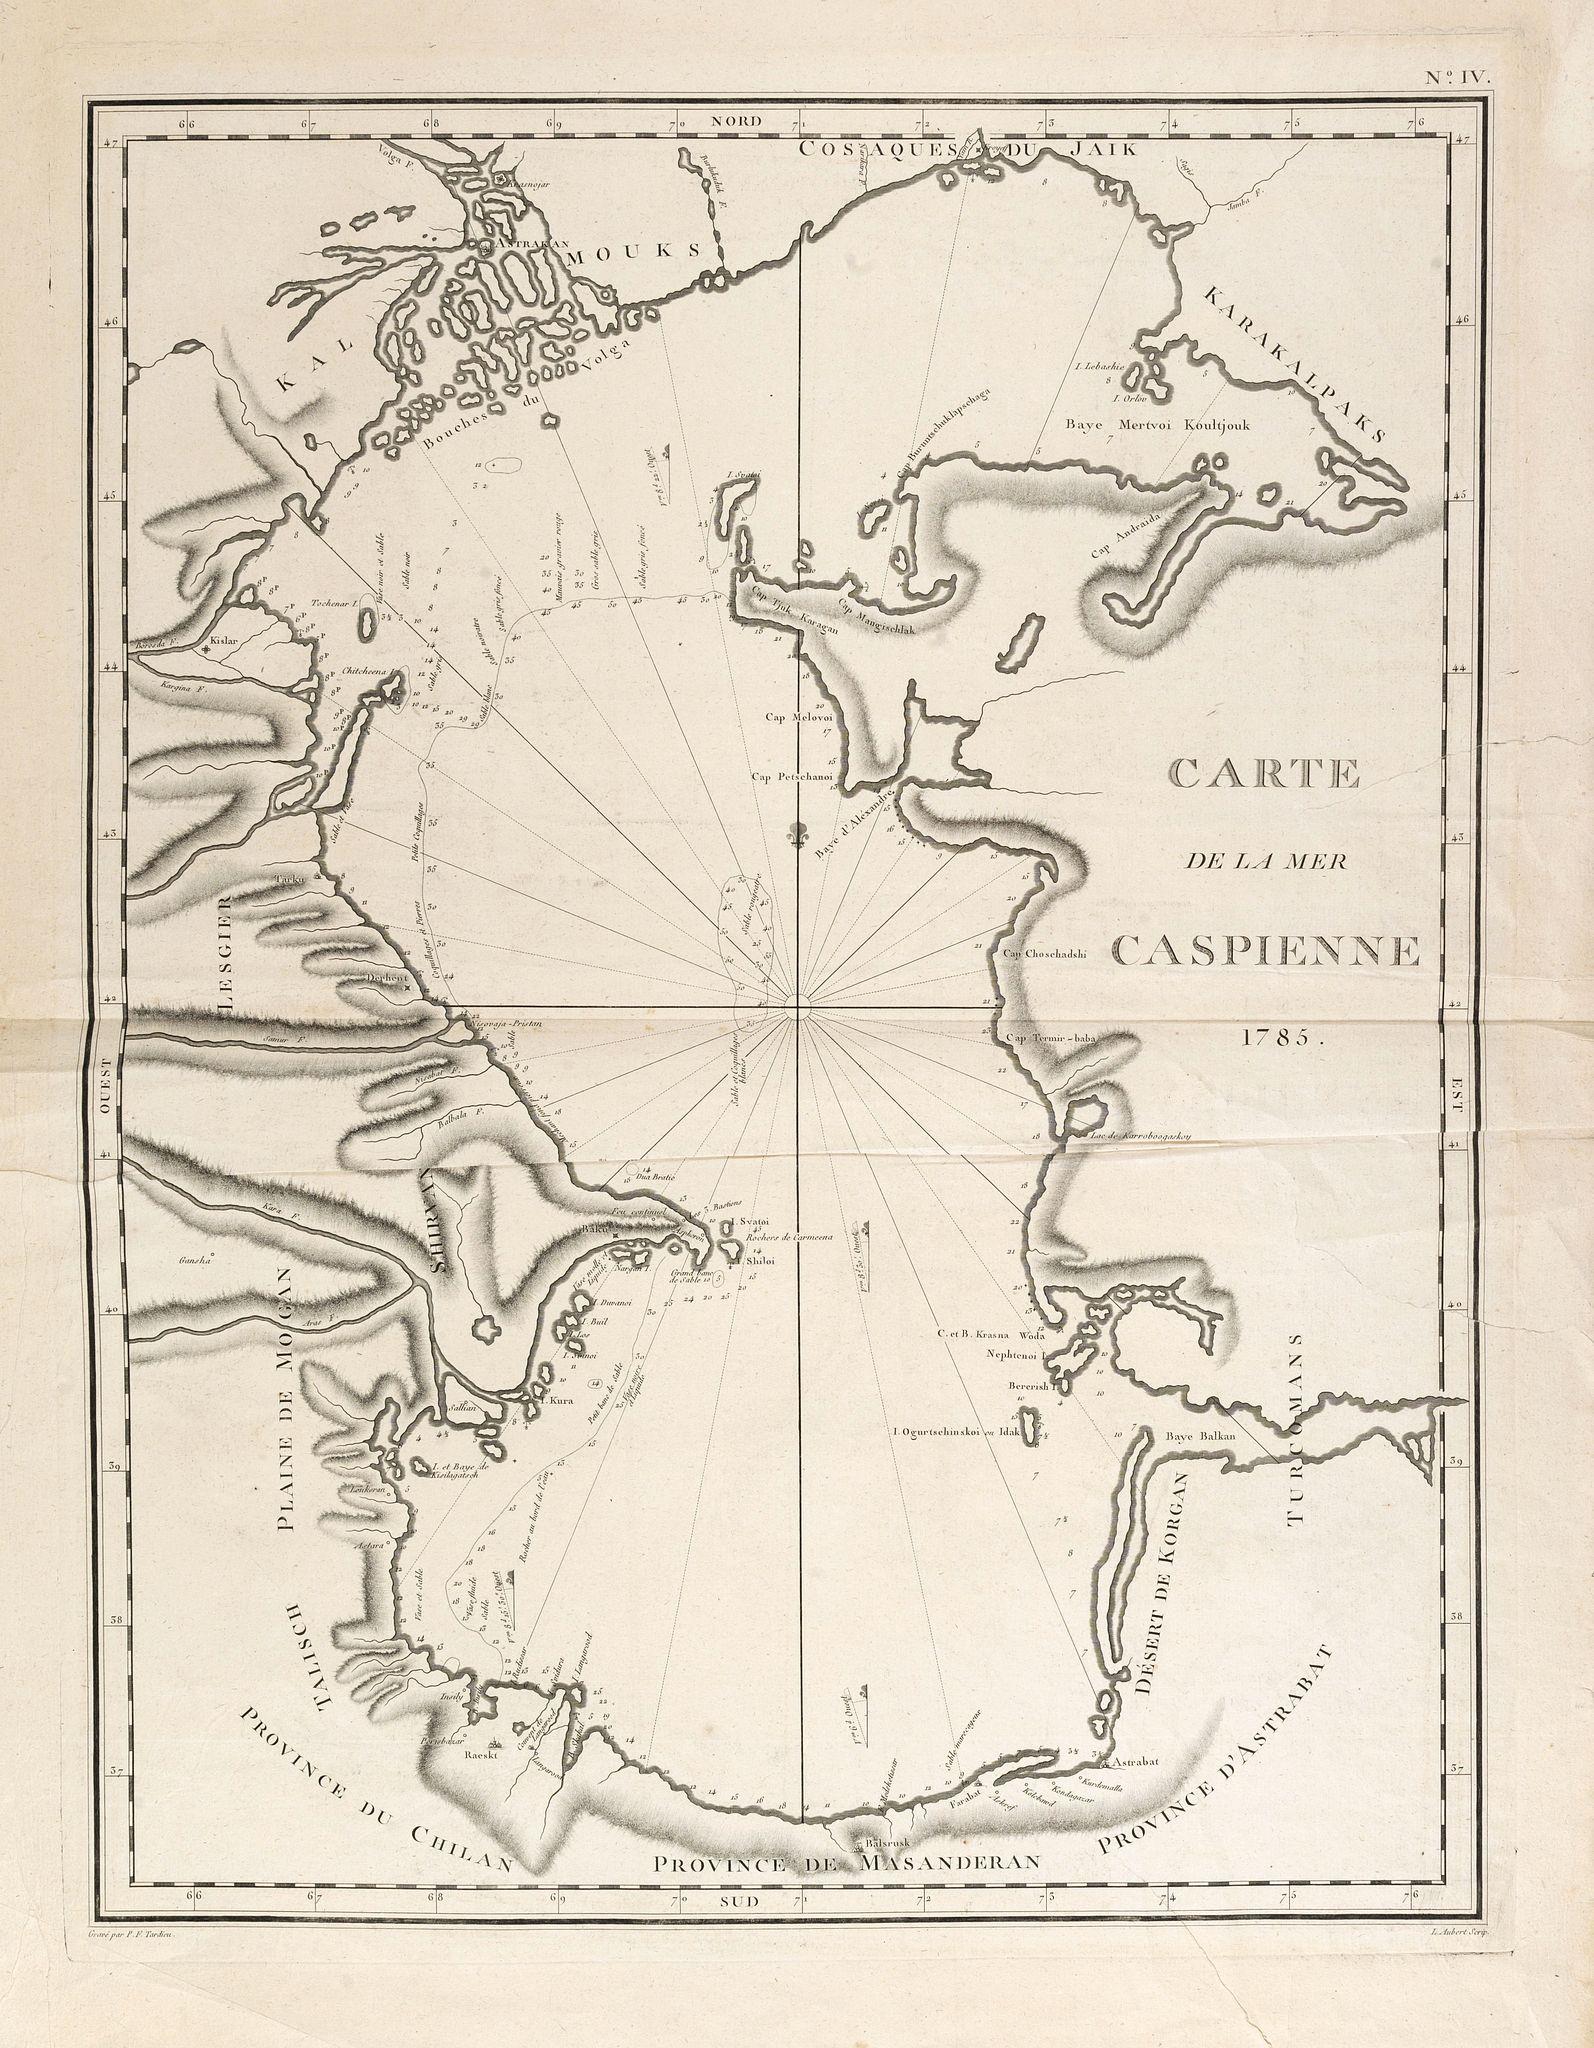 TARDIEU, P.F. -  Carte de la Mer Caspienne 1785.